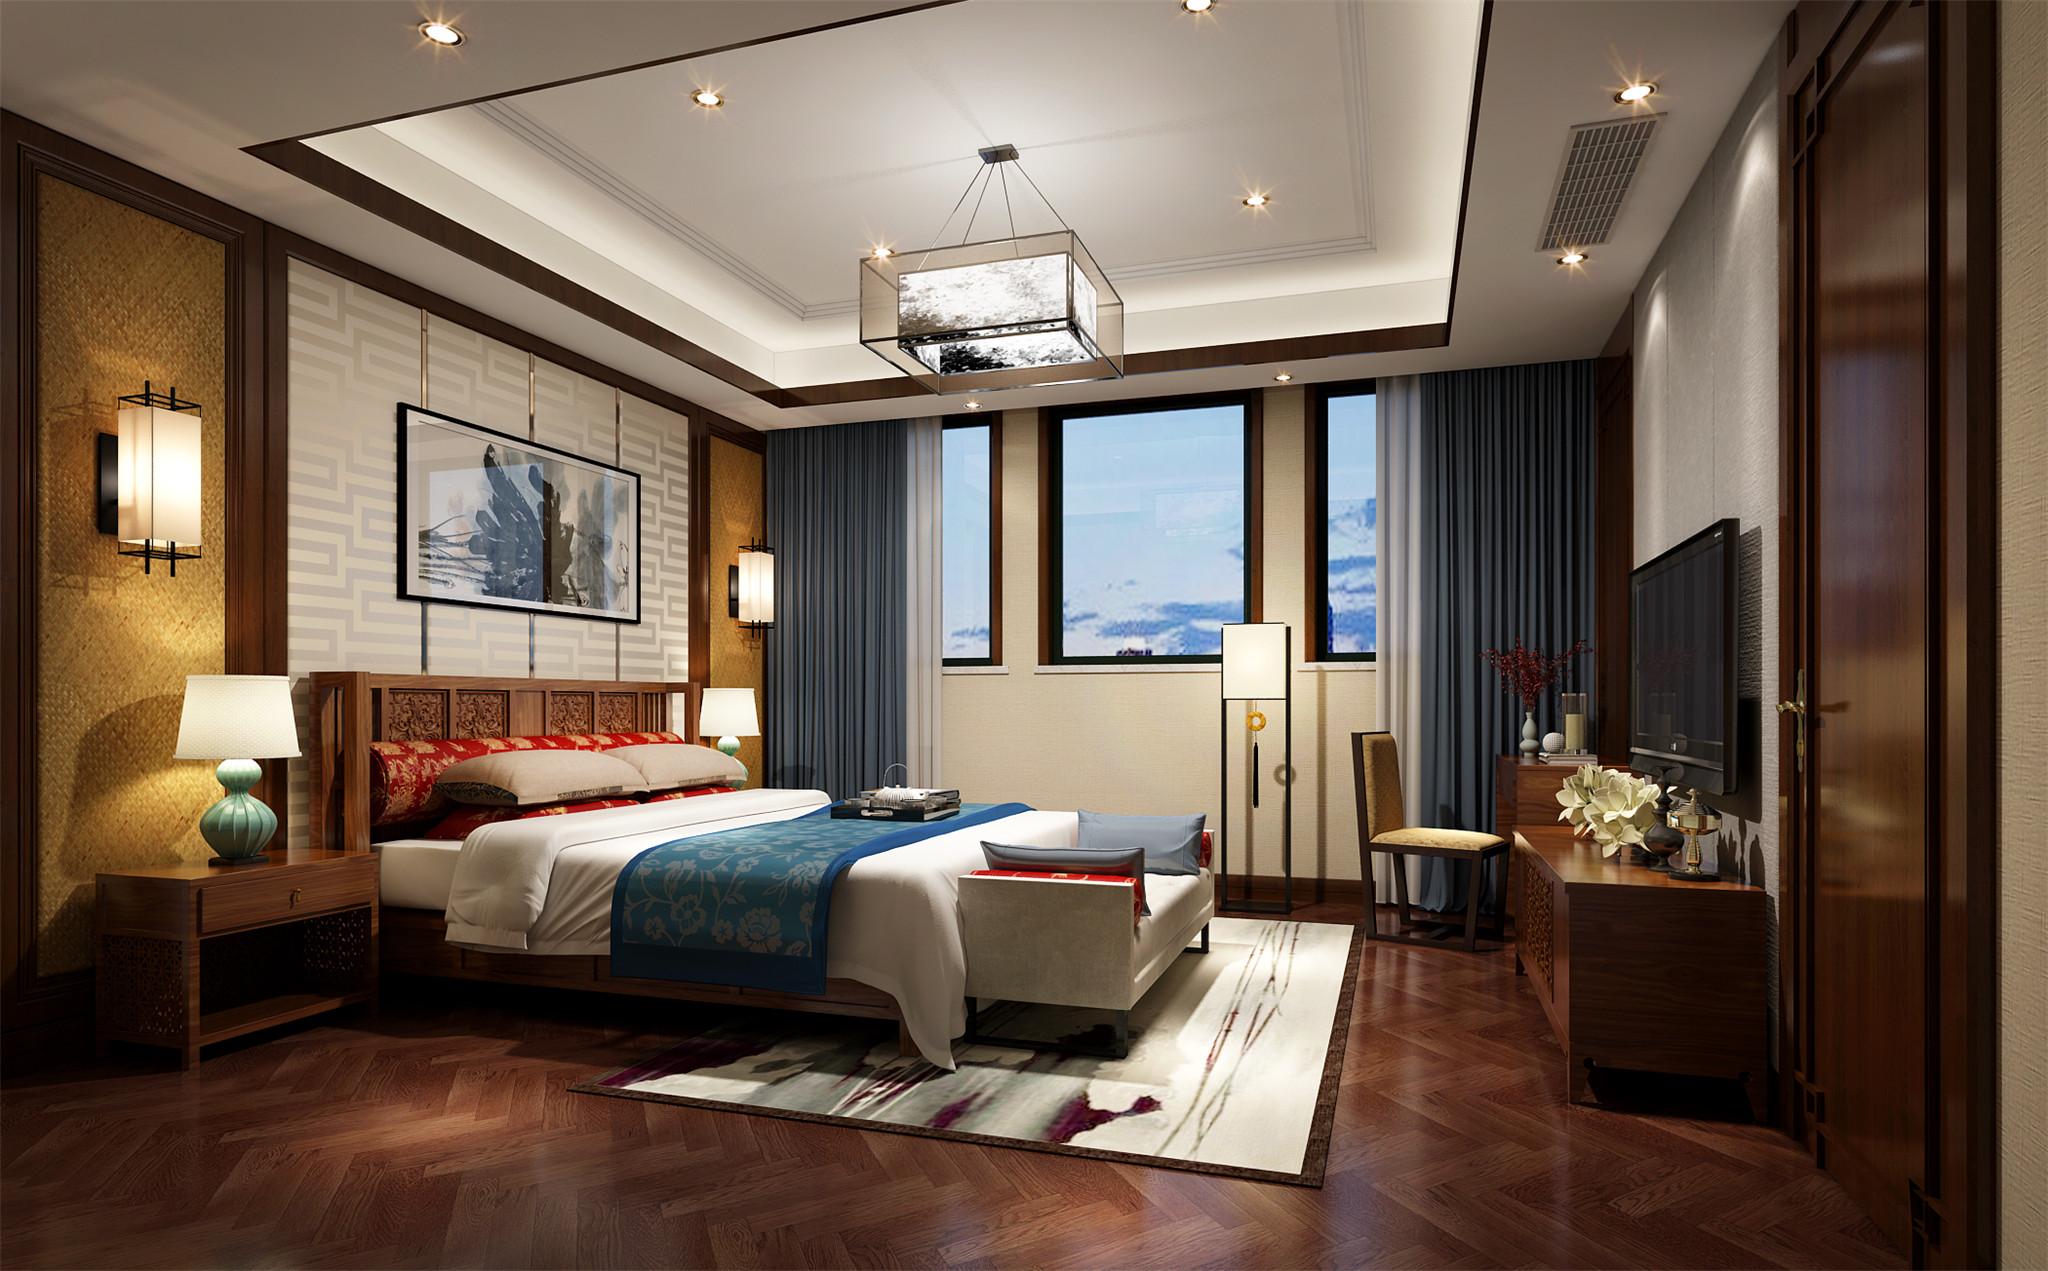 三层主卧室:实木与硬包背景让业主在都市生活后回归到家的温馨中